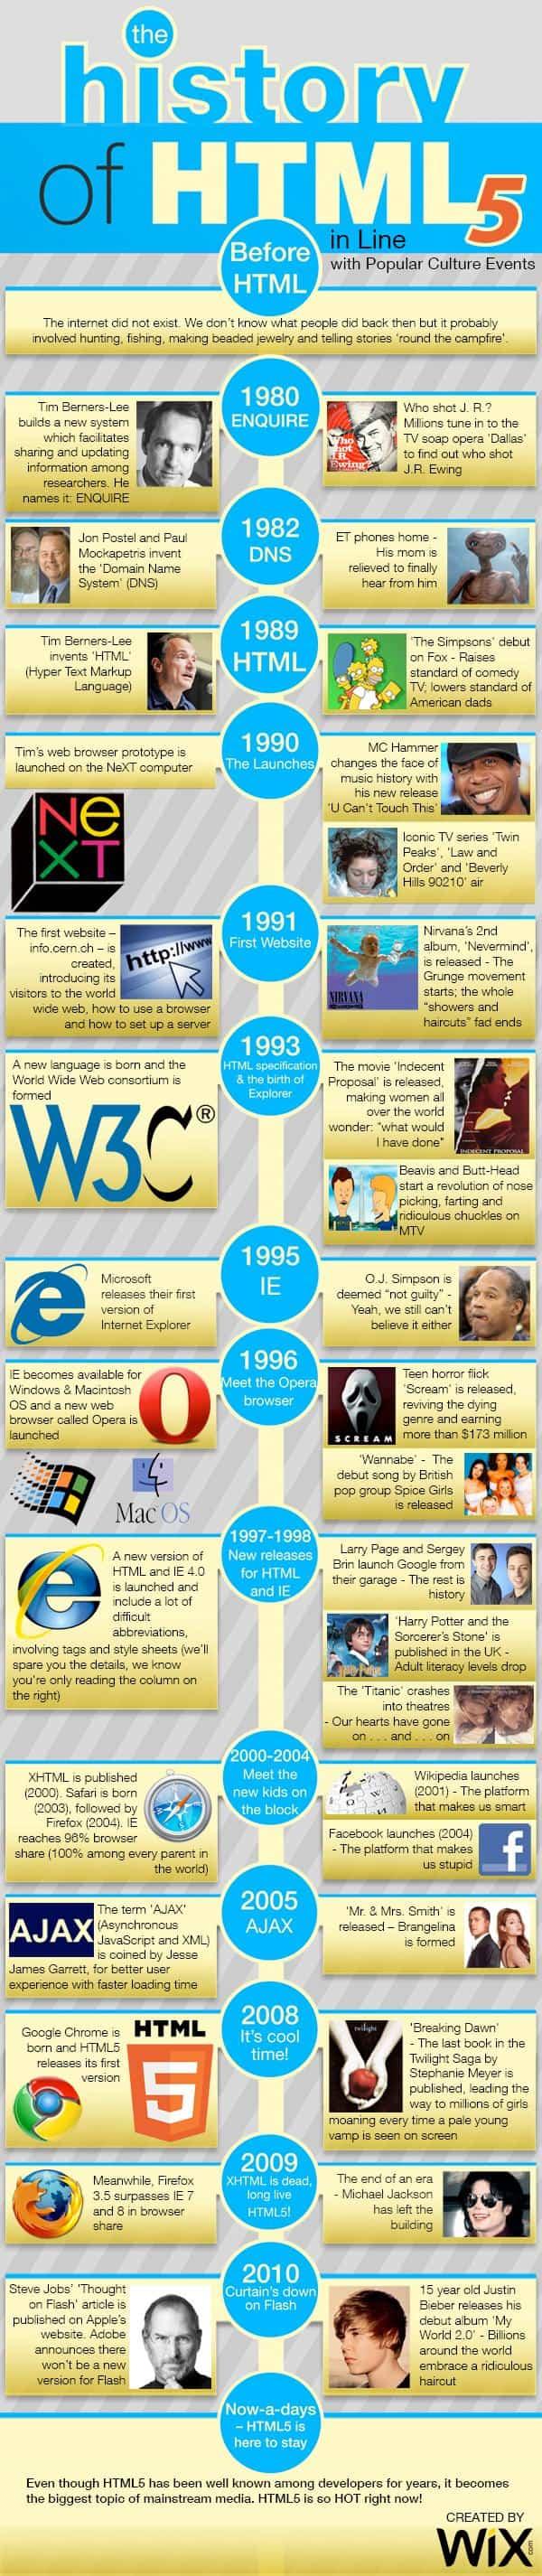 la historia del html5 en el tiempo